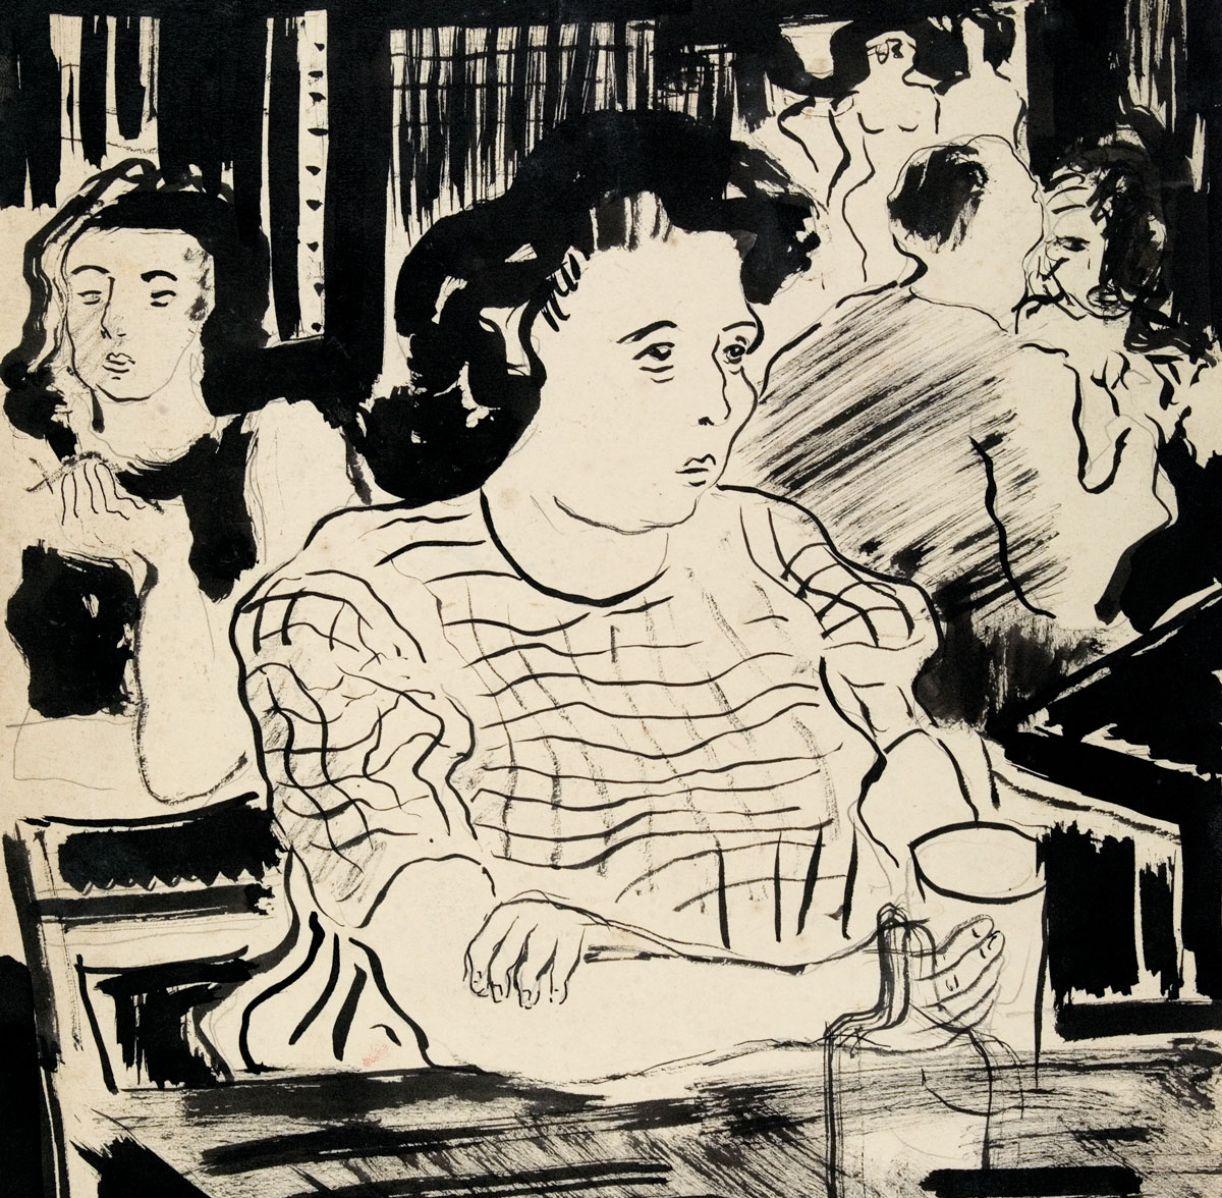 Cenas de bar foi uma das temáticas exploradas pelo paisagista em seus desenhos